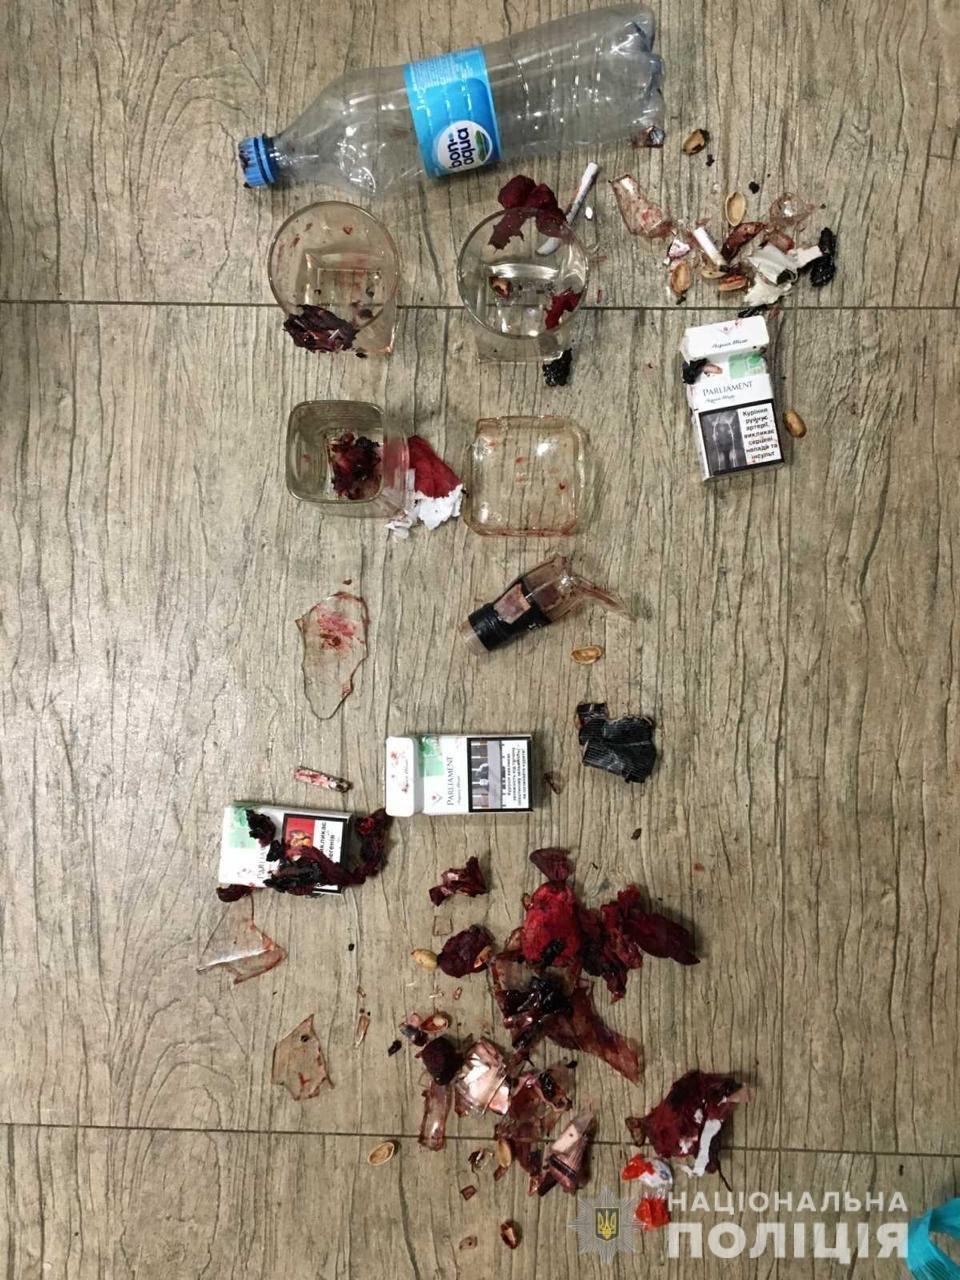 Харьковчанин забил насмерть своего знакомого бутылкой из под виски, - ФОТО, фото-1, Нацполиция